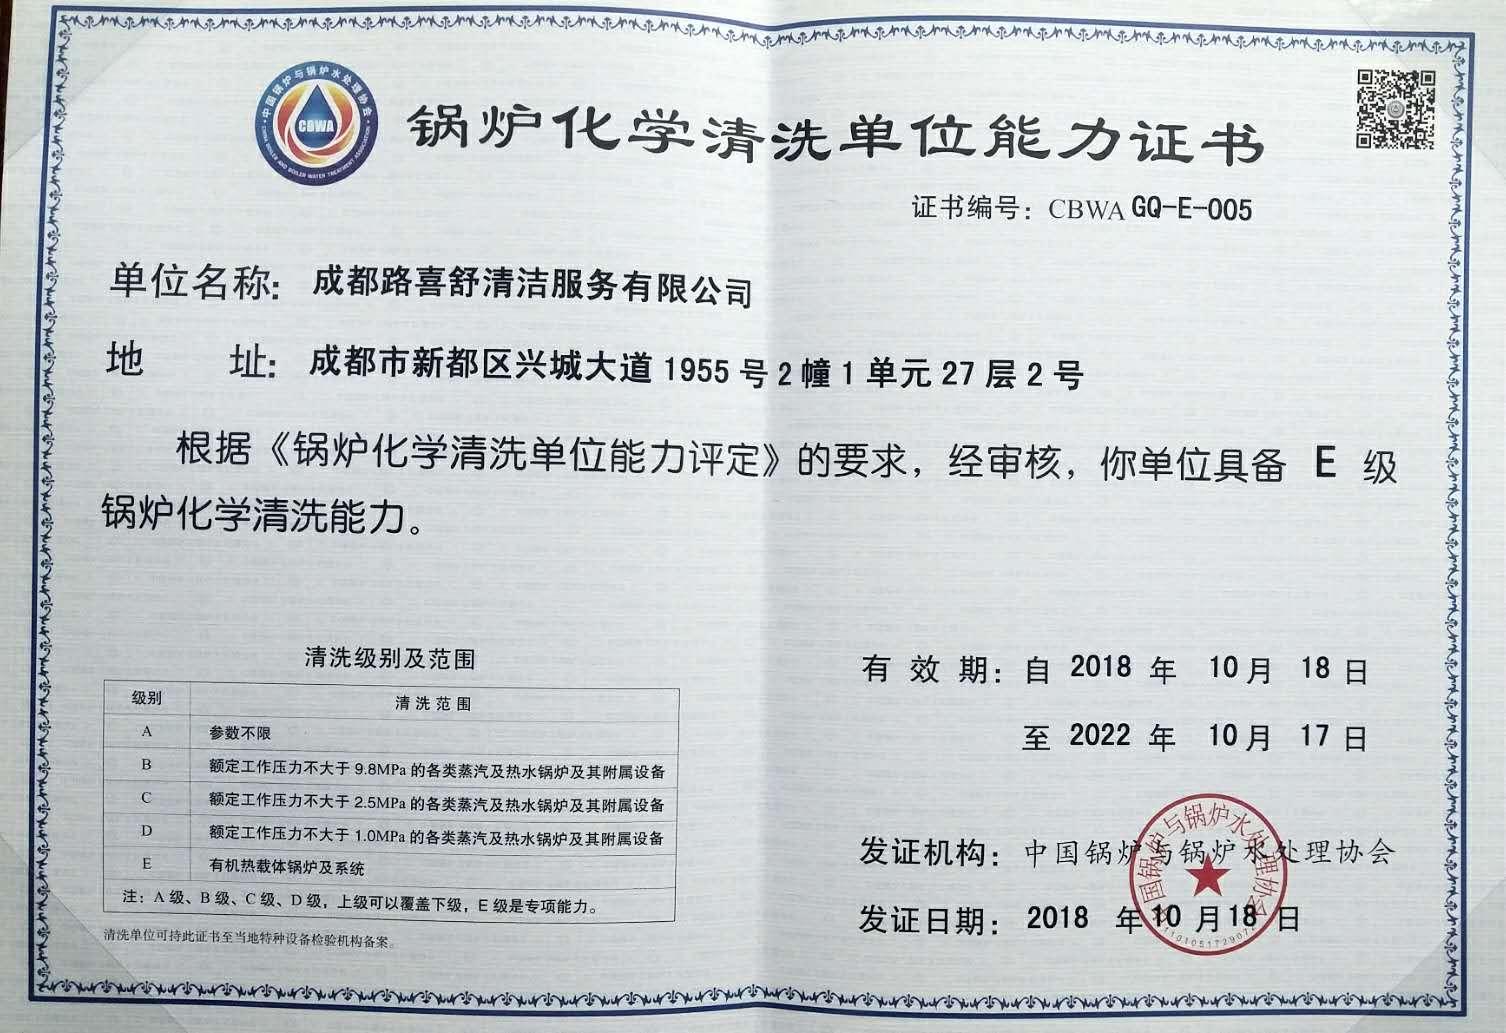 清洗能力资质证书